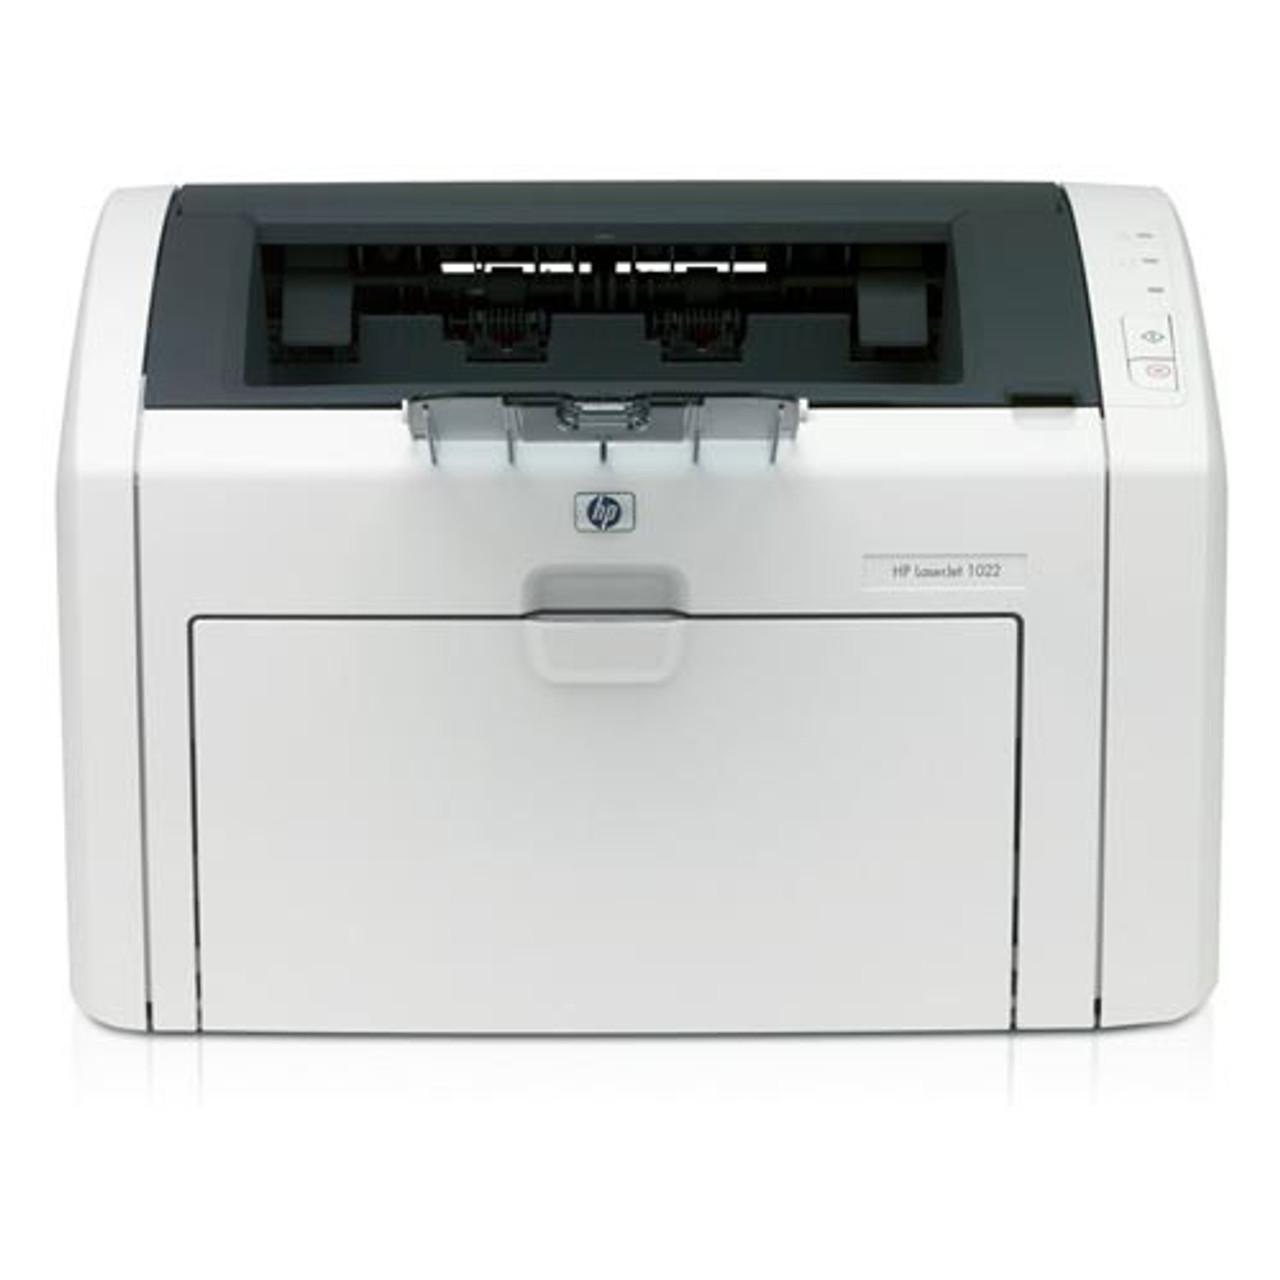 HP LaserJet 1022N - Q5913A  - HP Laser Printer for sale